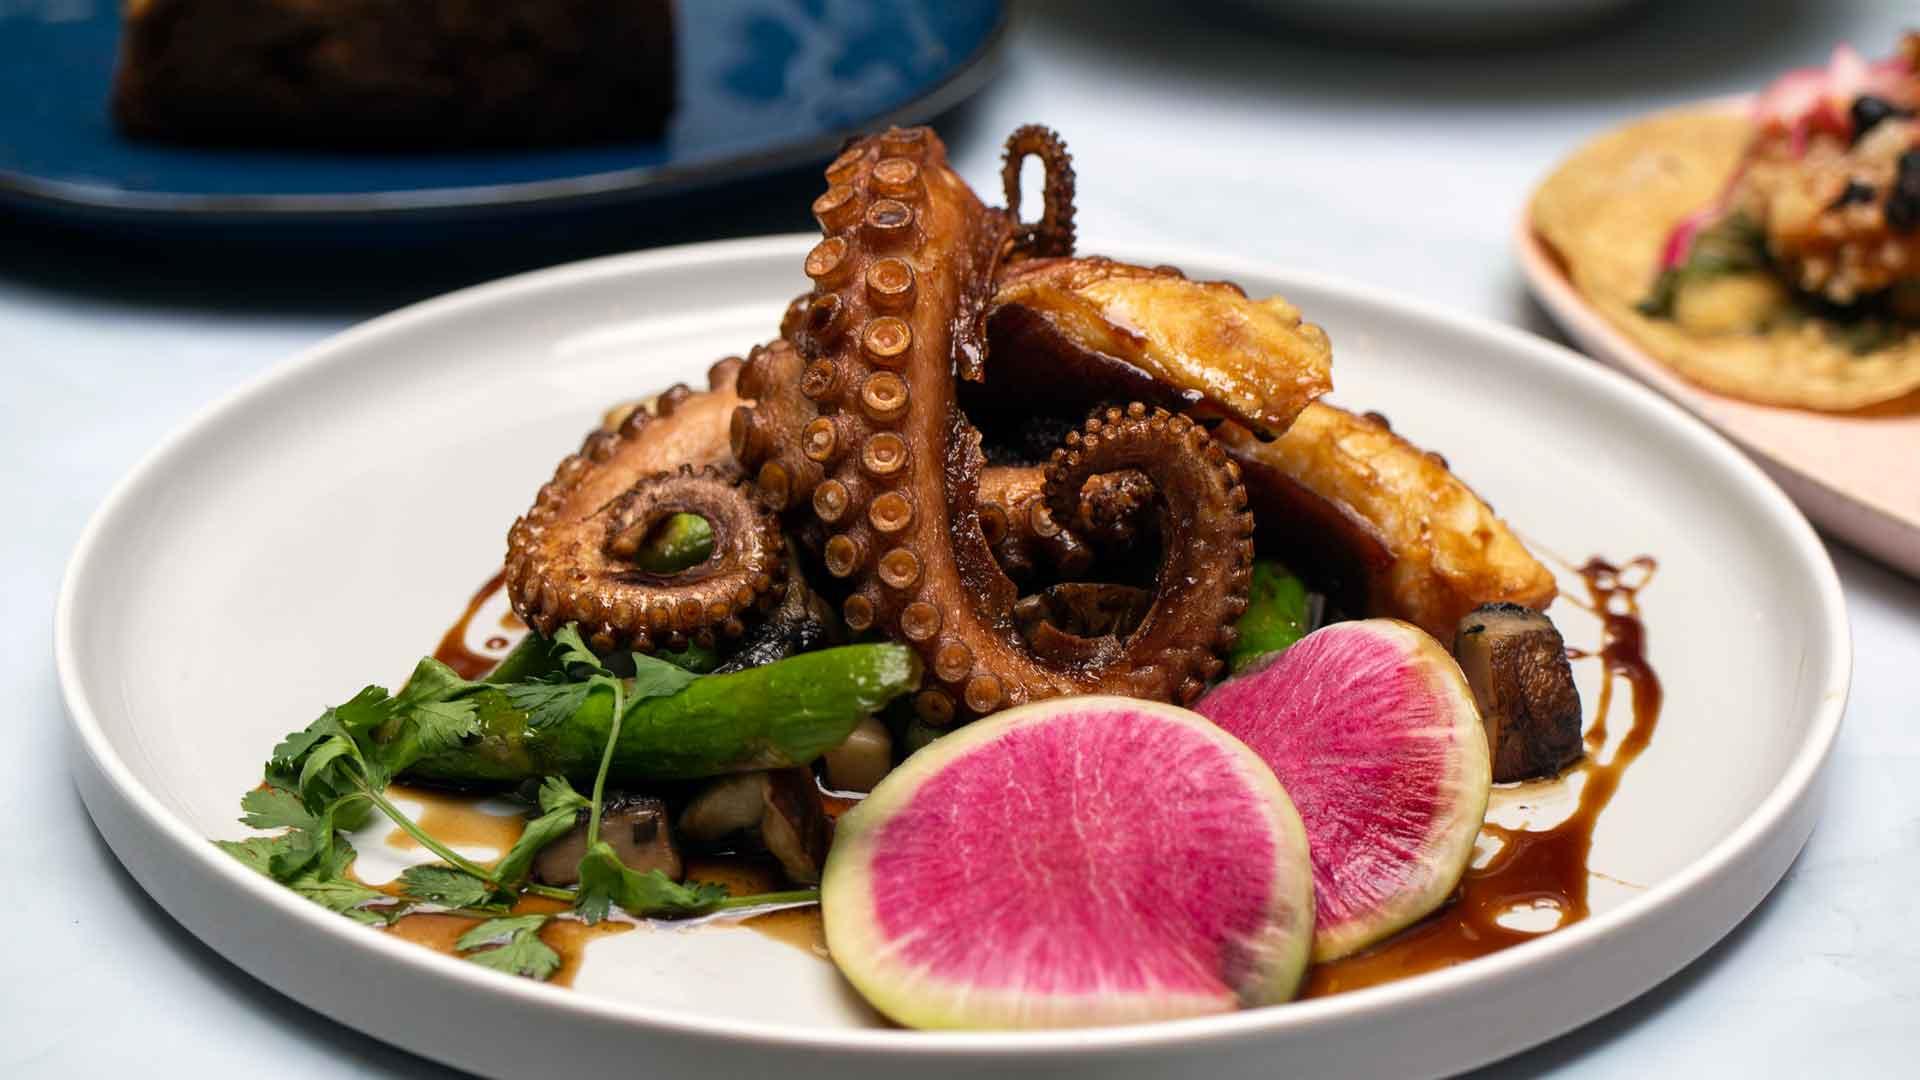 Platillos del mar celebra su primer año con menú especial